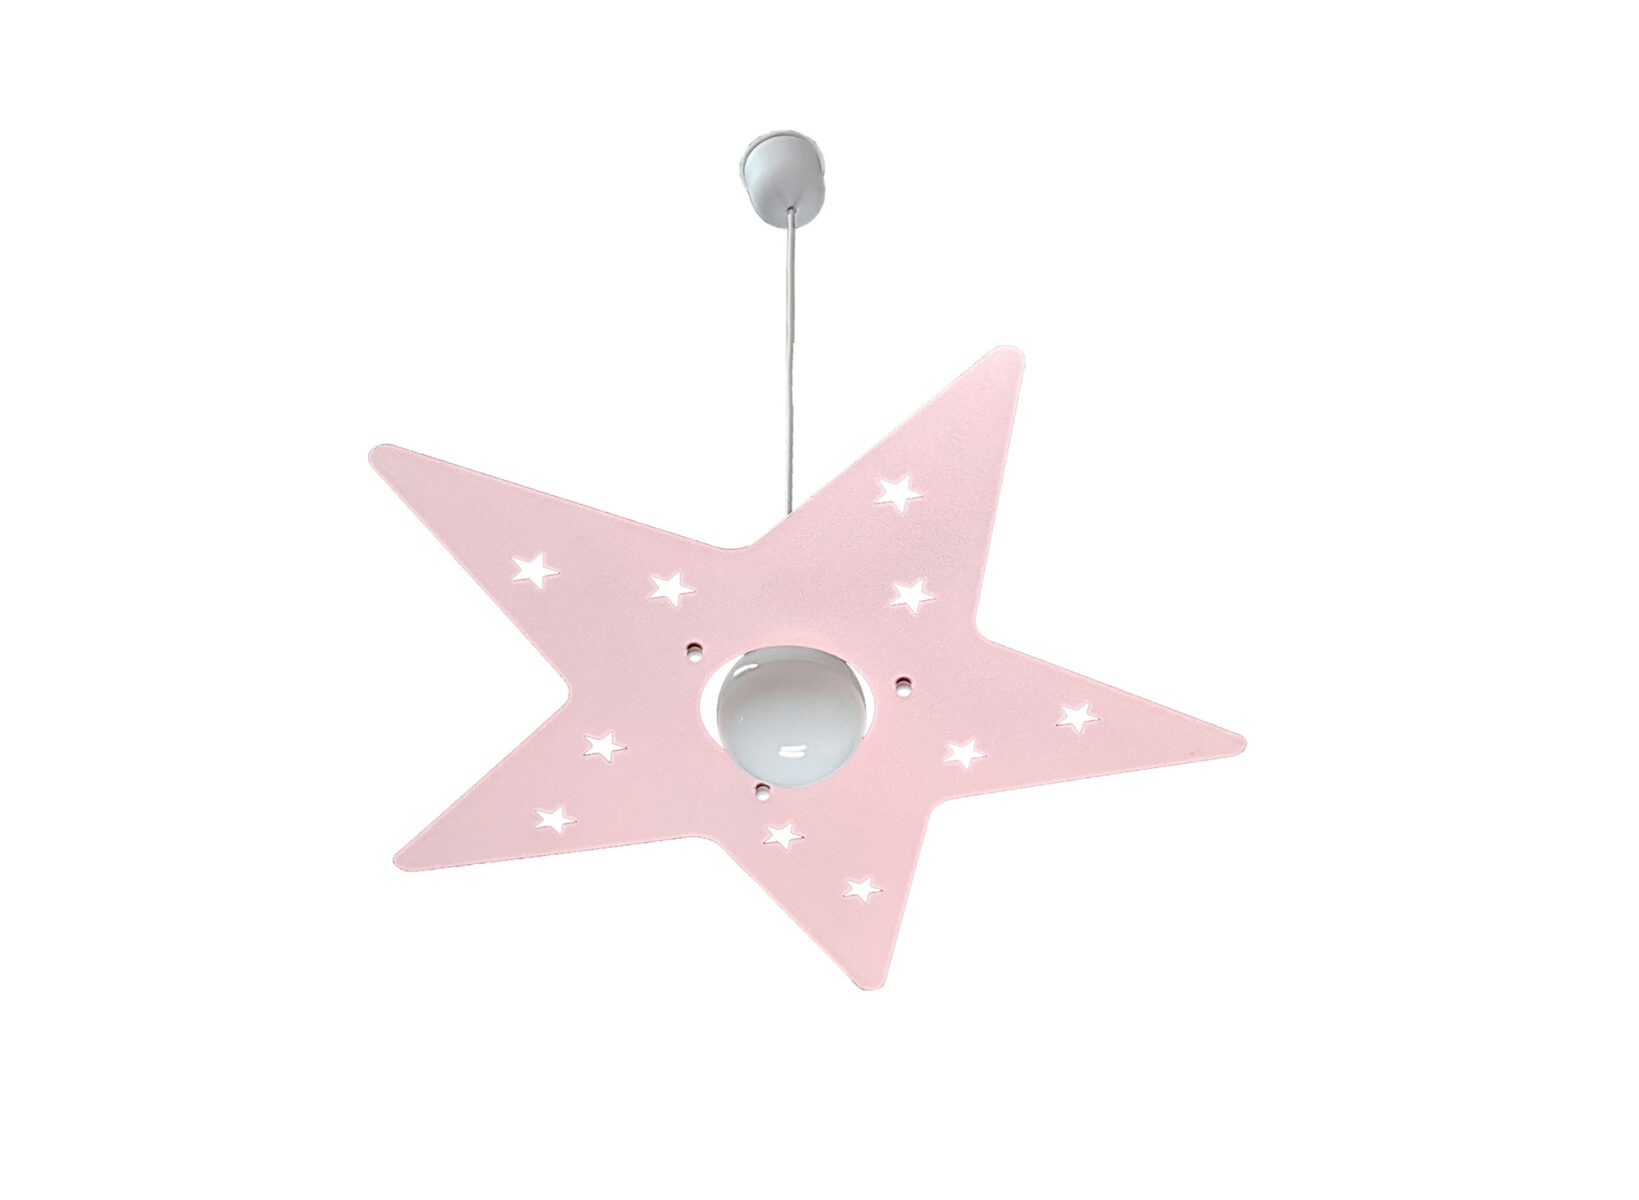 Lampadario Rosa Cameretta : Lampadario sospensione rosa stella camerette bambini la luce del